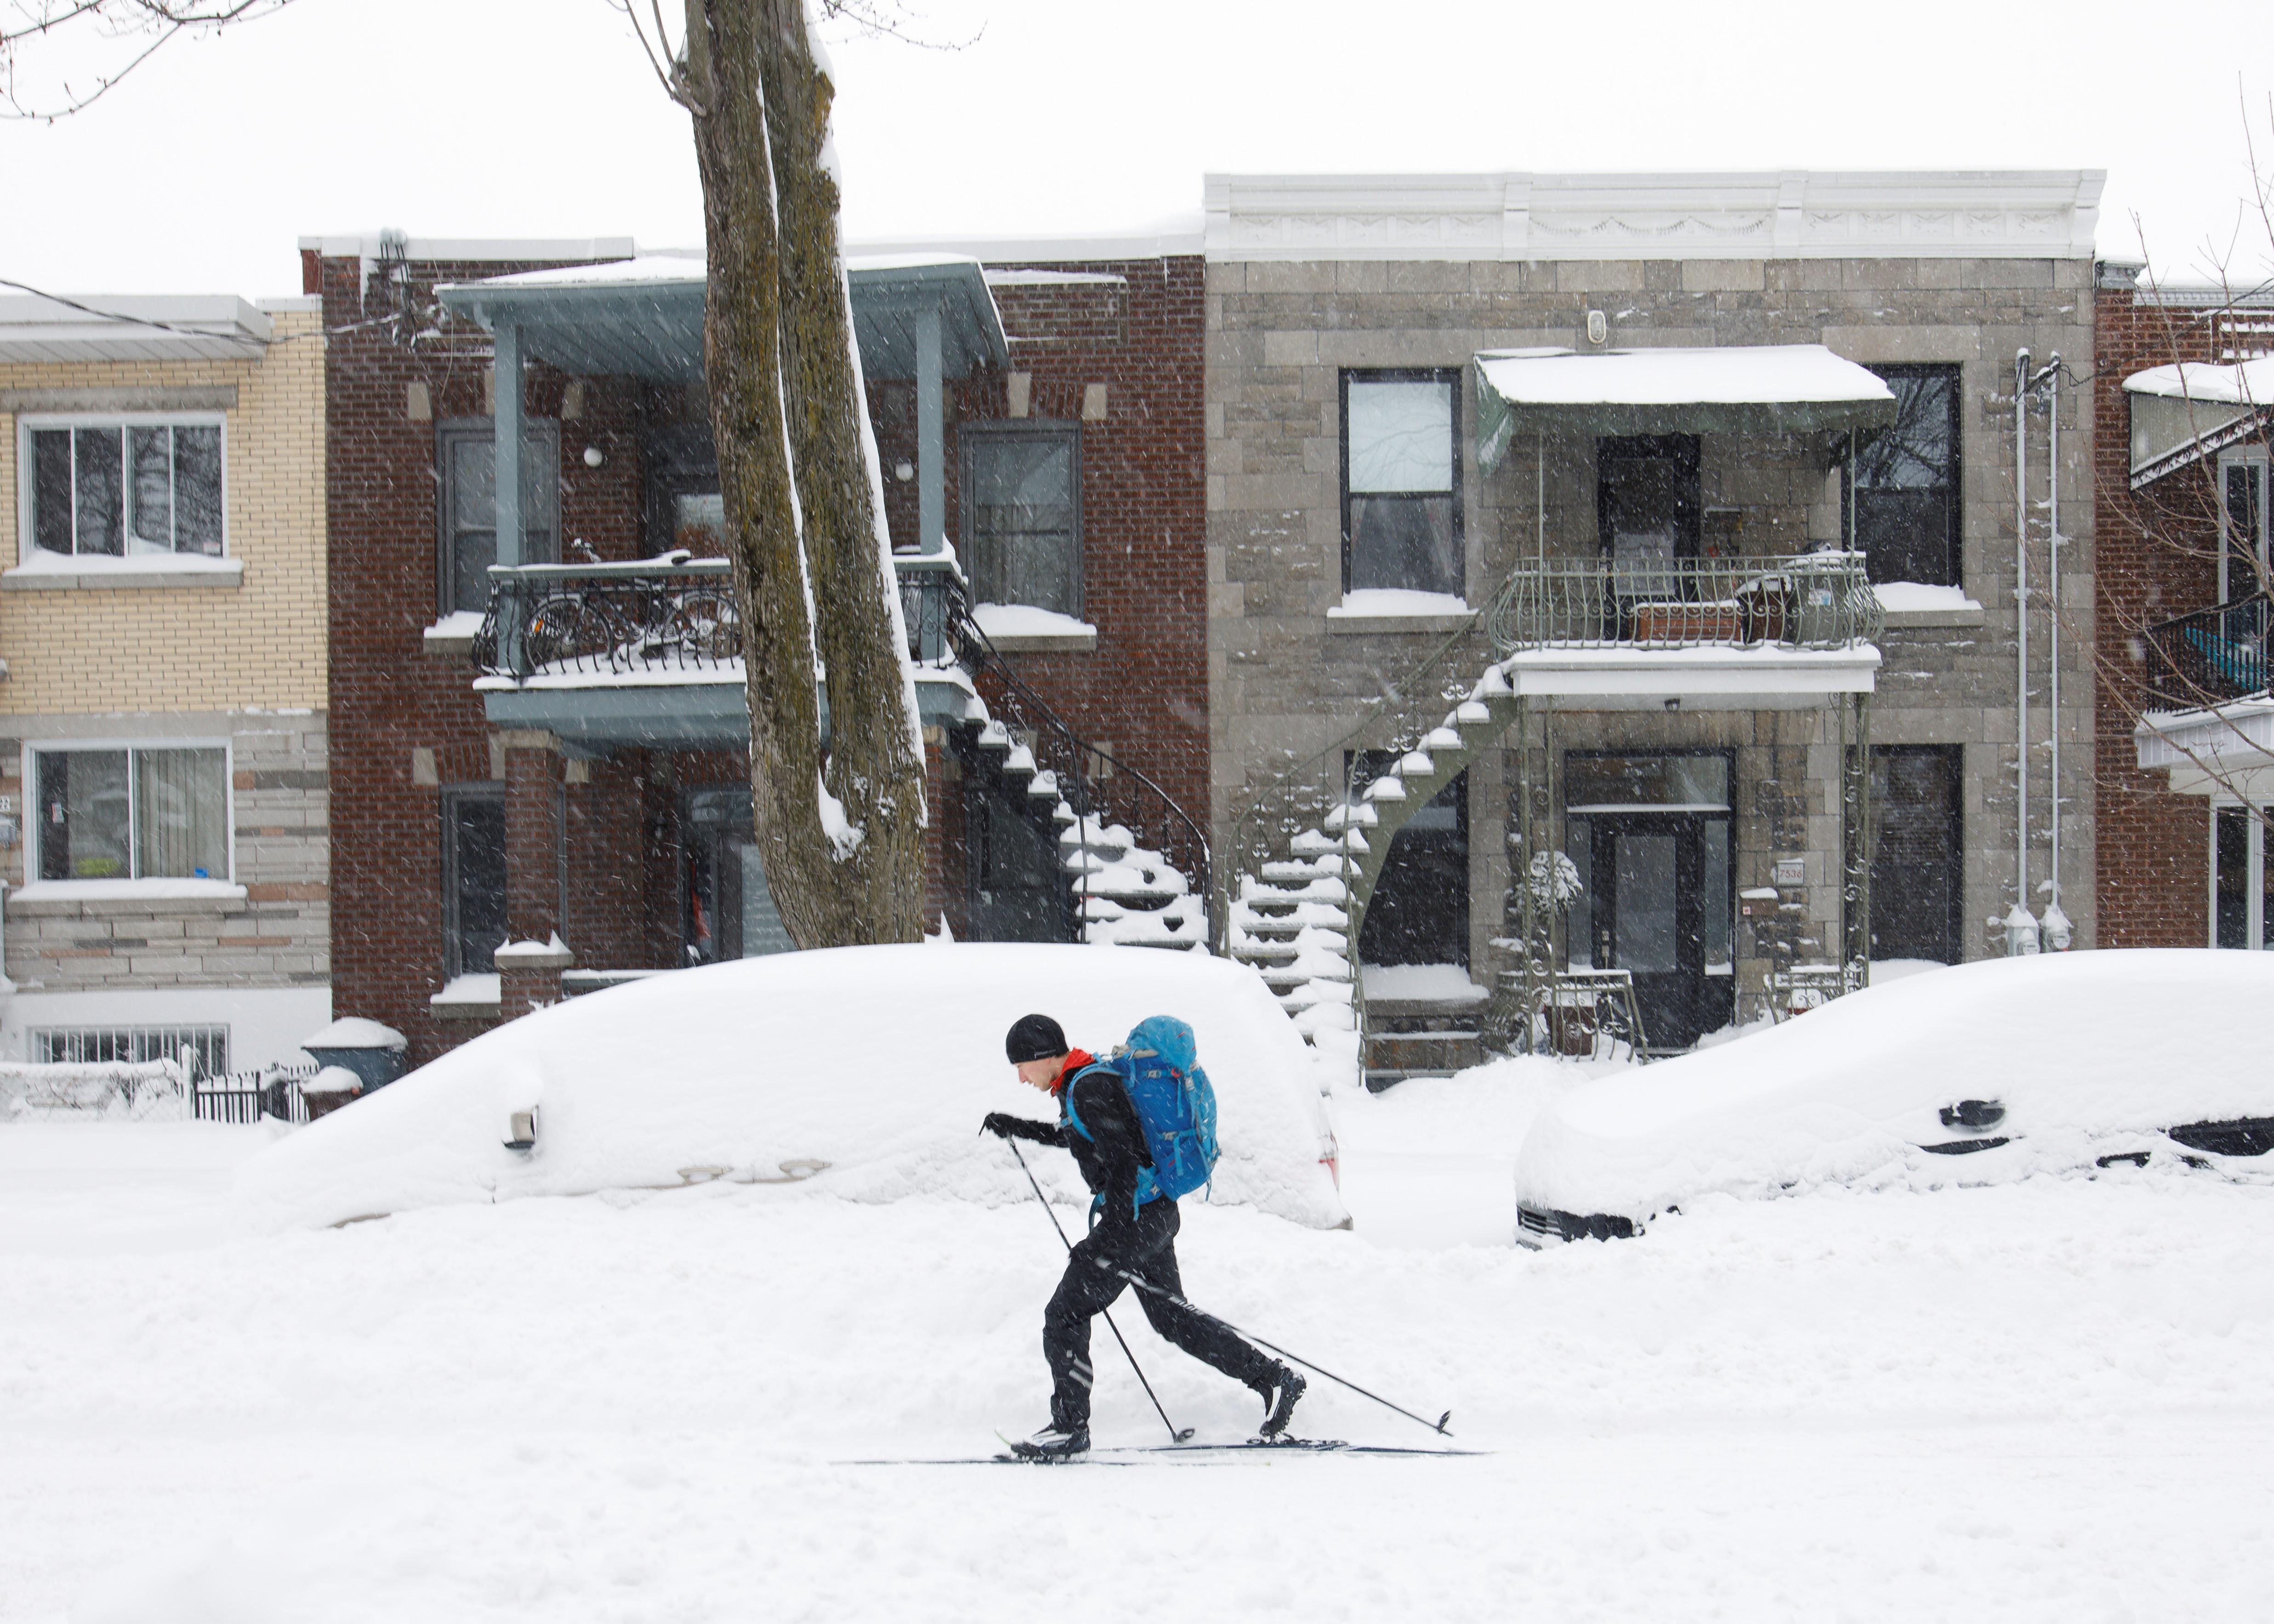 رجل يتزحلق على الثلج في أحد شوارع مونتريال وسط سيّارات غمرتها الثلوج بعد العاصفة التي ضربت العديد من أنحاء مقاطعة كيبيك في 15-03-2017/REUTERS/Dario Ayala